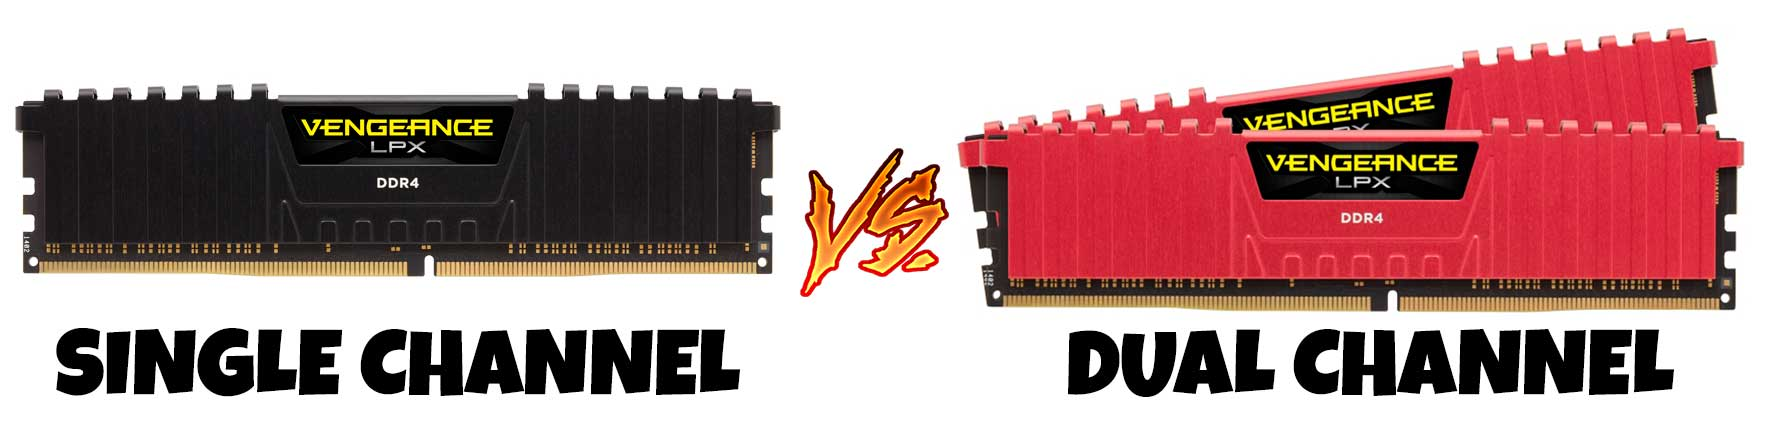 Single channel vs dual channel